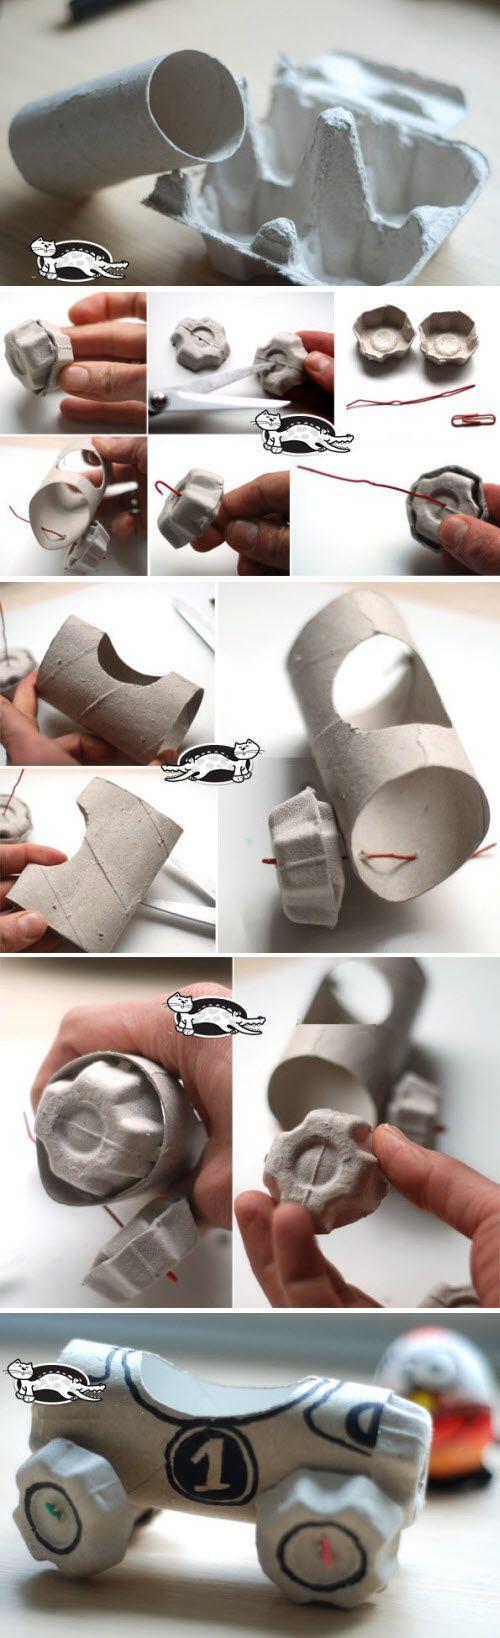 fabriquer une voiture avec boite oeuf